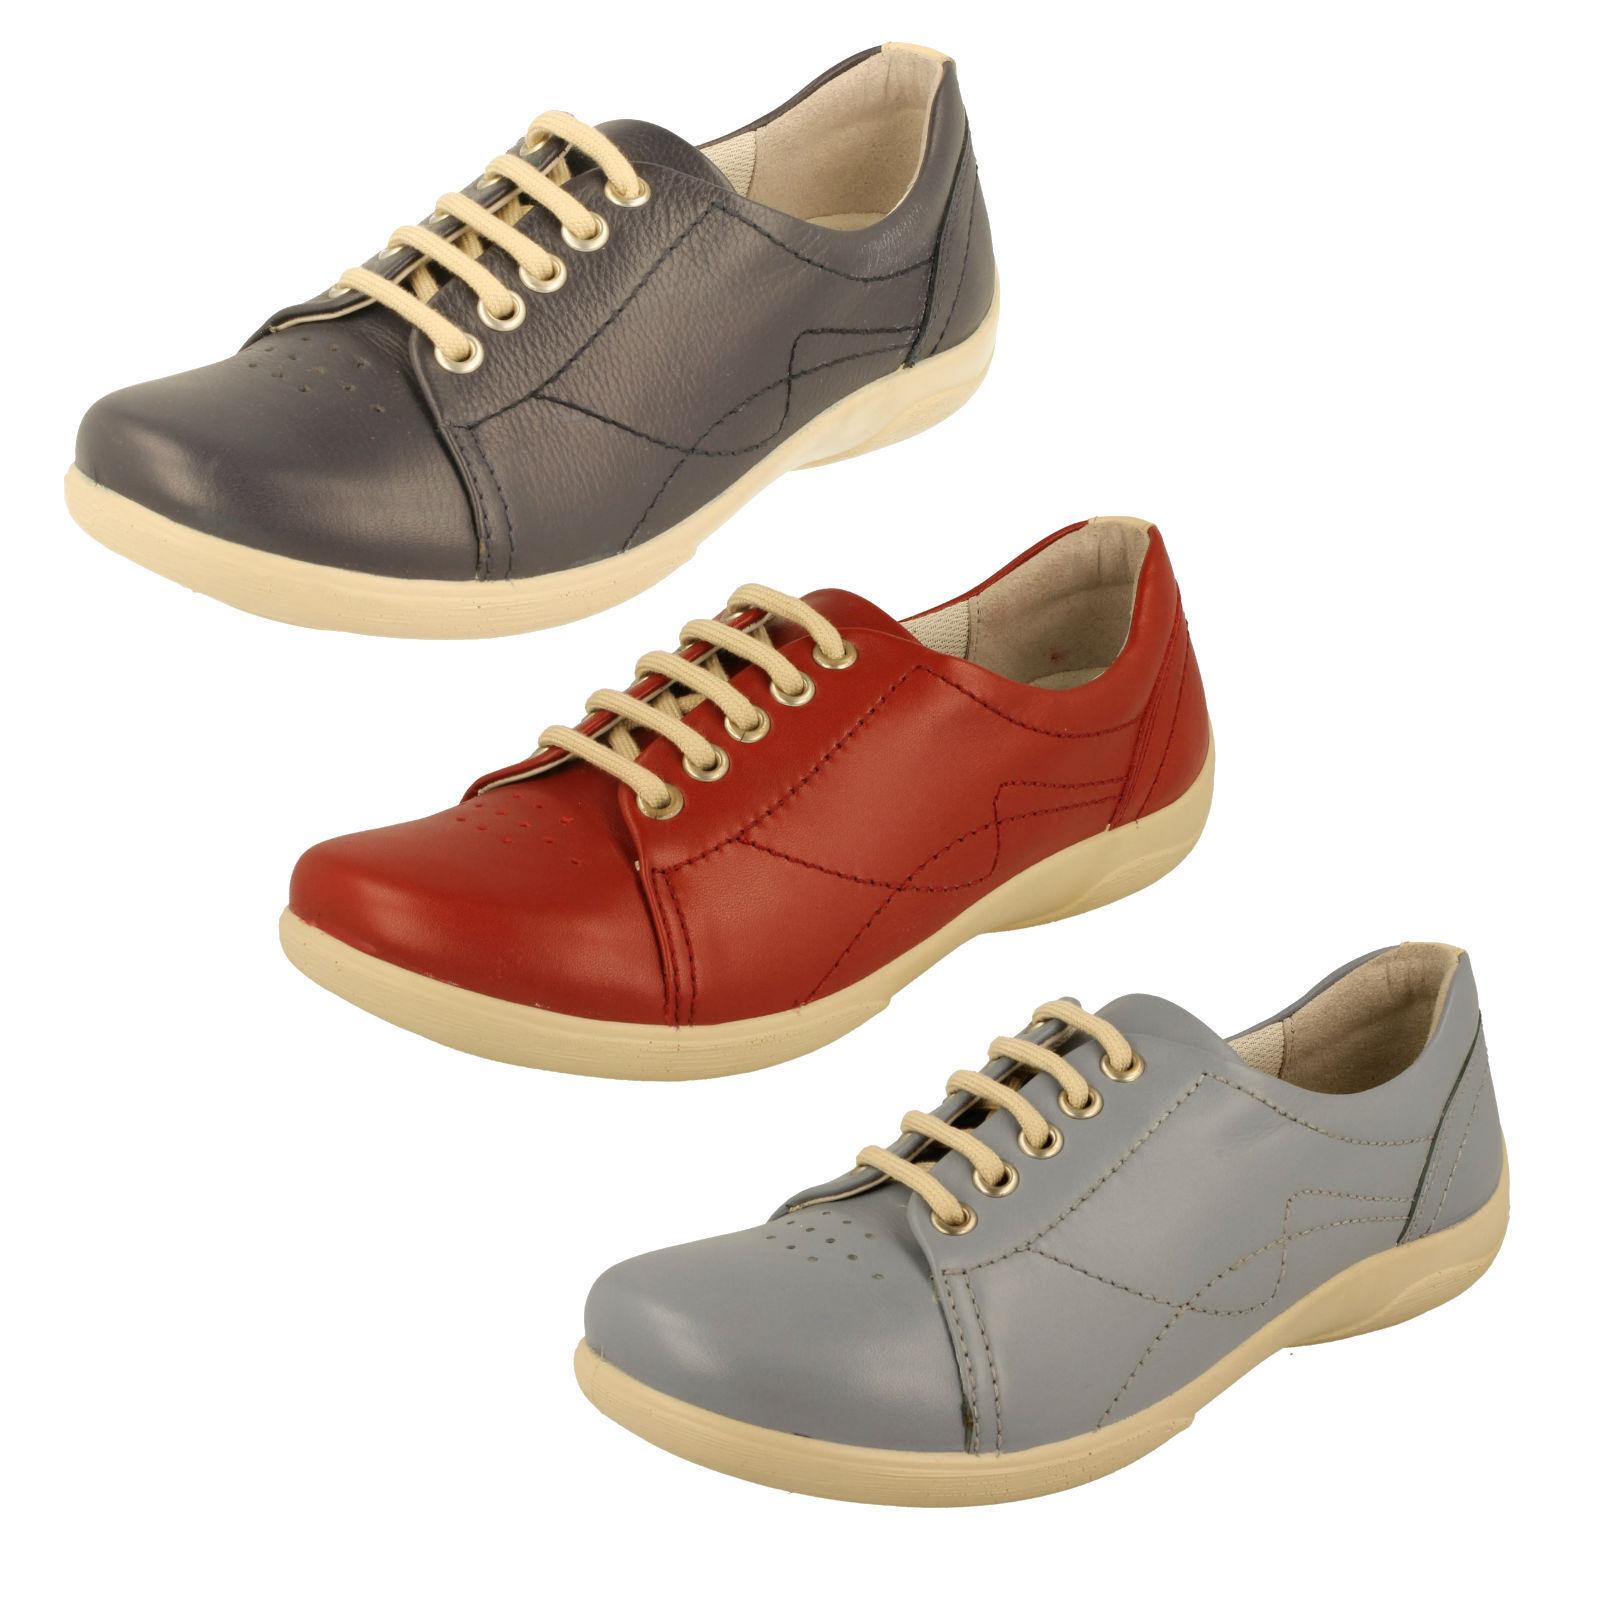 offerta speciale Padders Stivali Lacci Scarpe  Jessica    In Rosso, Blu Scuro o Azzurro  risparmia fino al 30-50% di sconto